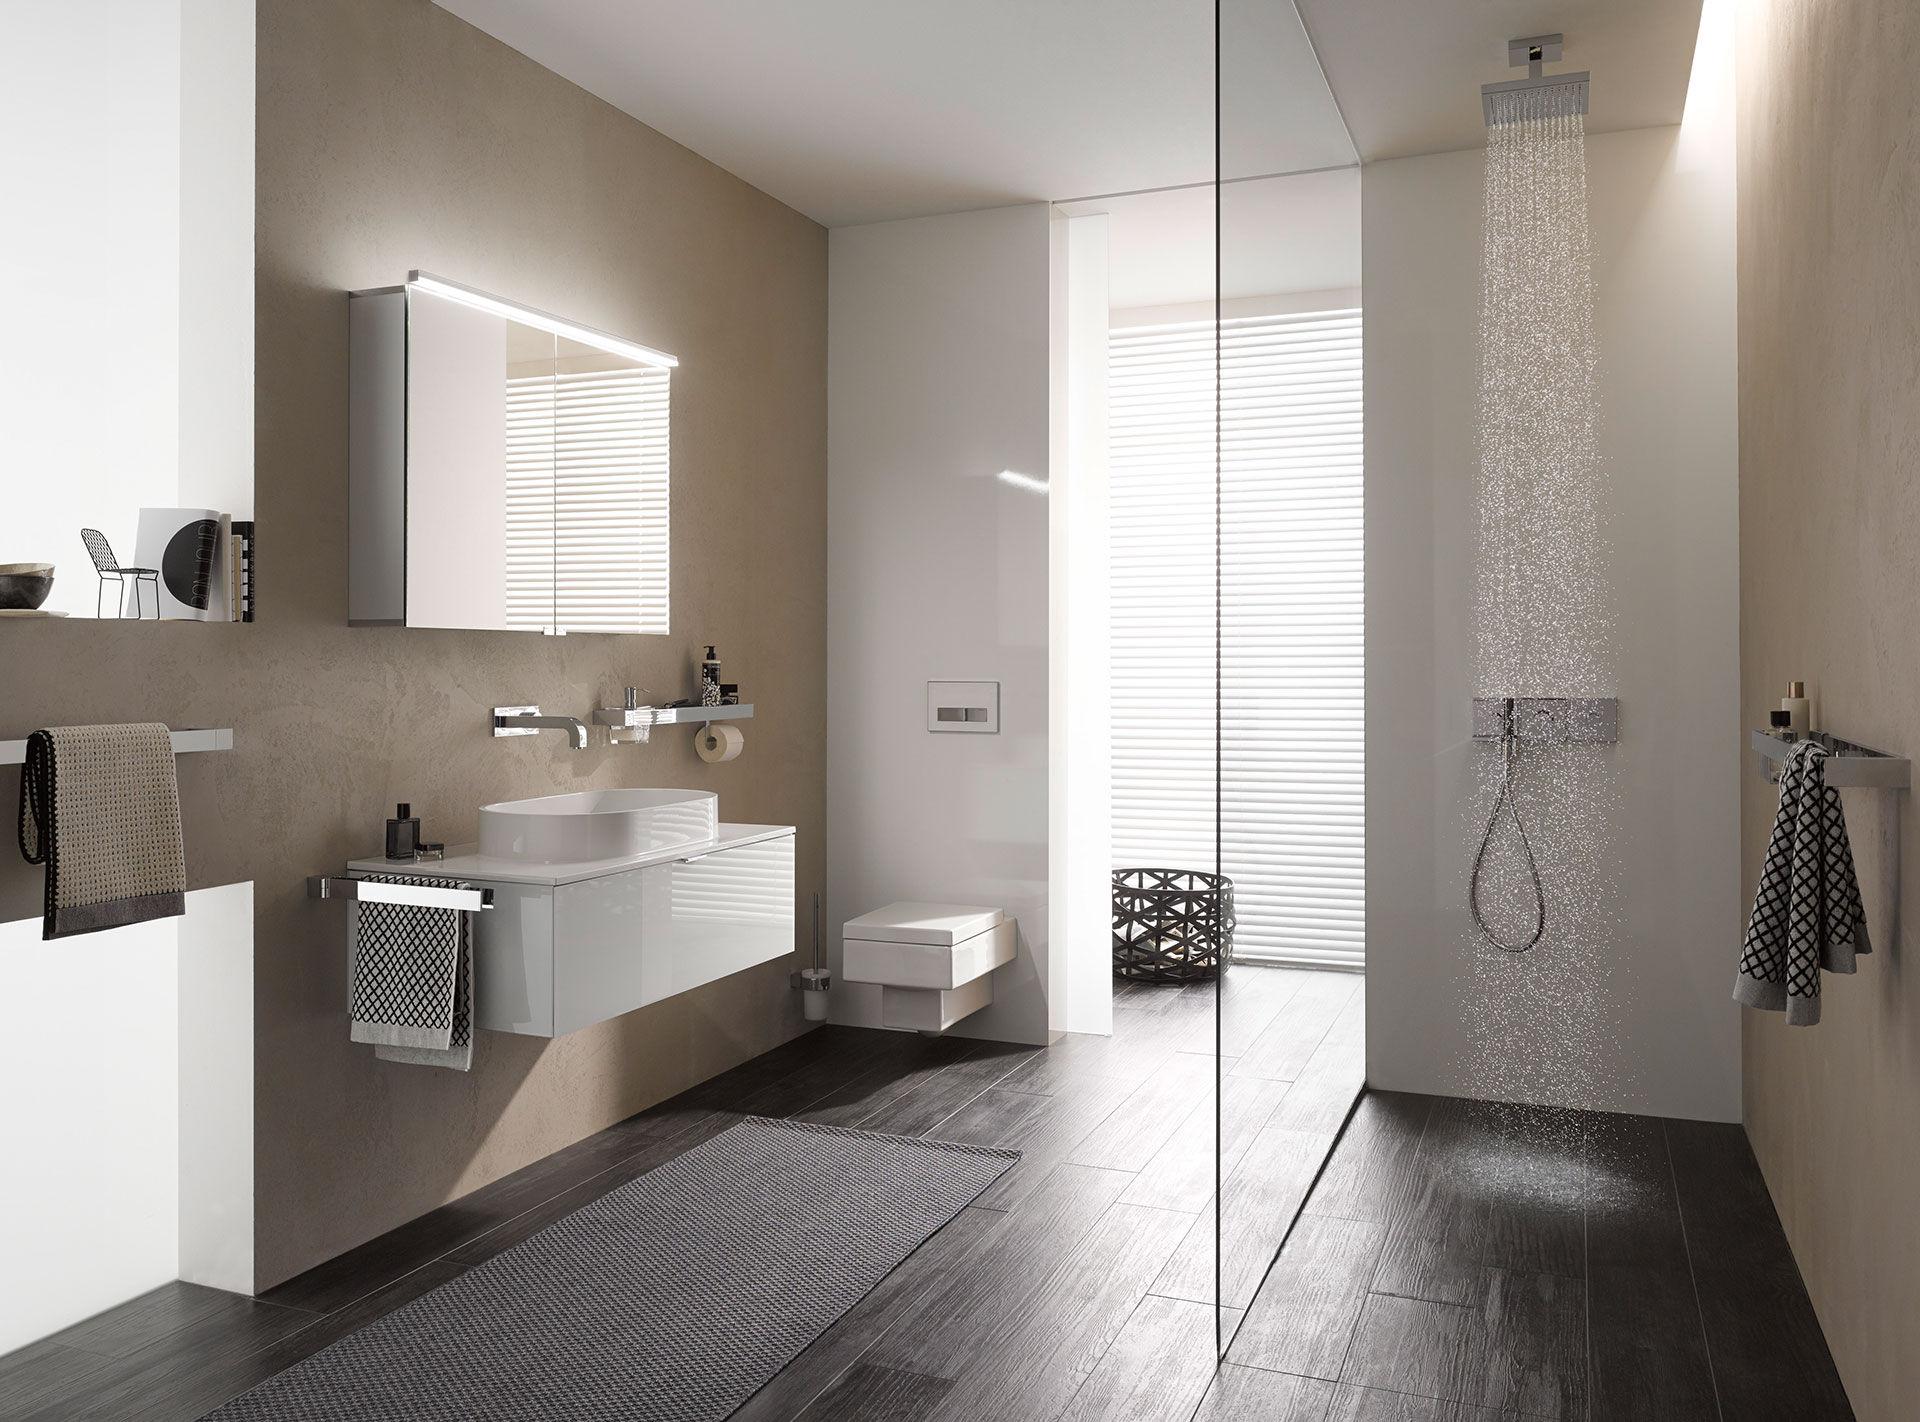 emco asis flat led spiegelschrank in 100 cm breit. Black Bedroom Furniture Sets. Home Design Ideas